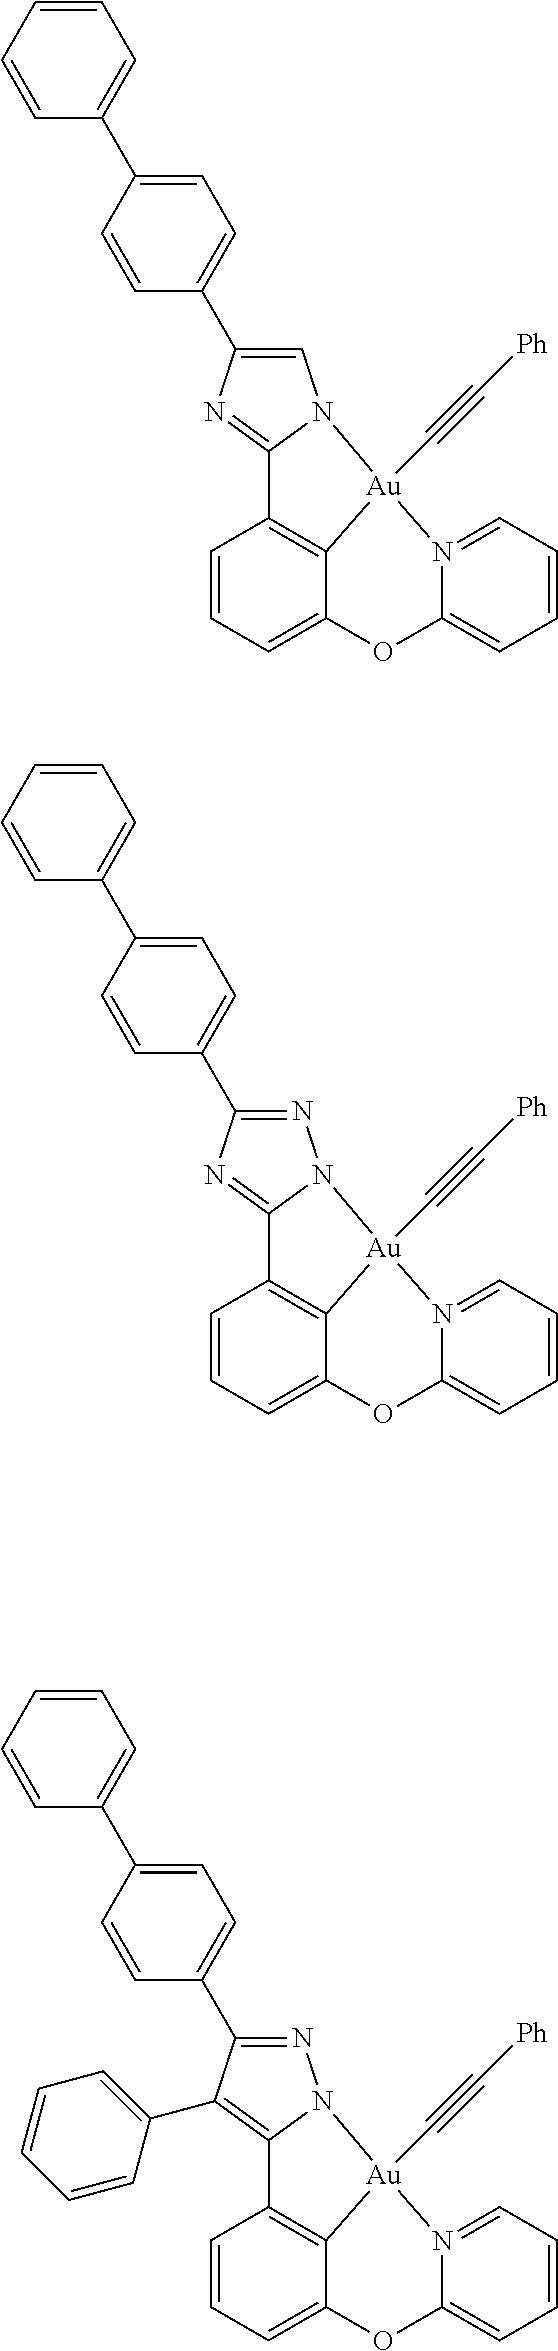 Figure US09818959-20171114-C00552